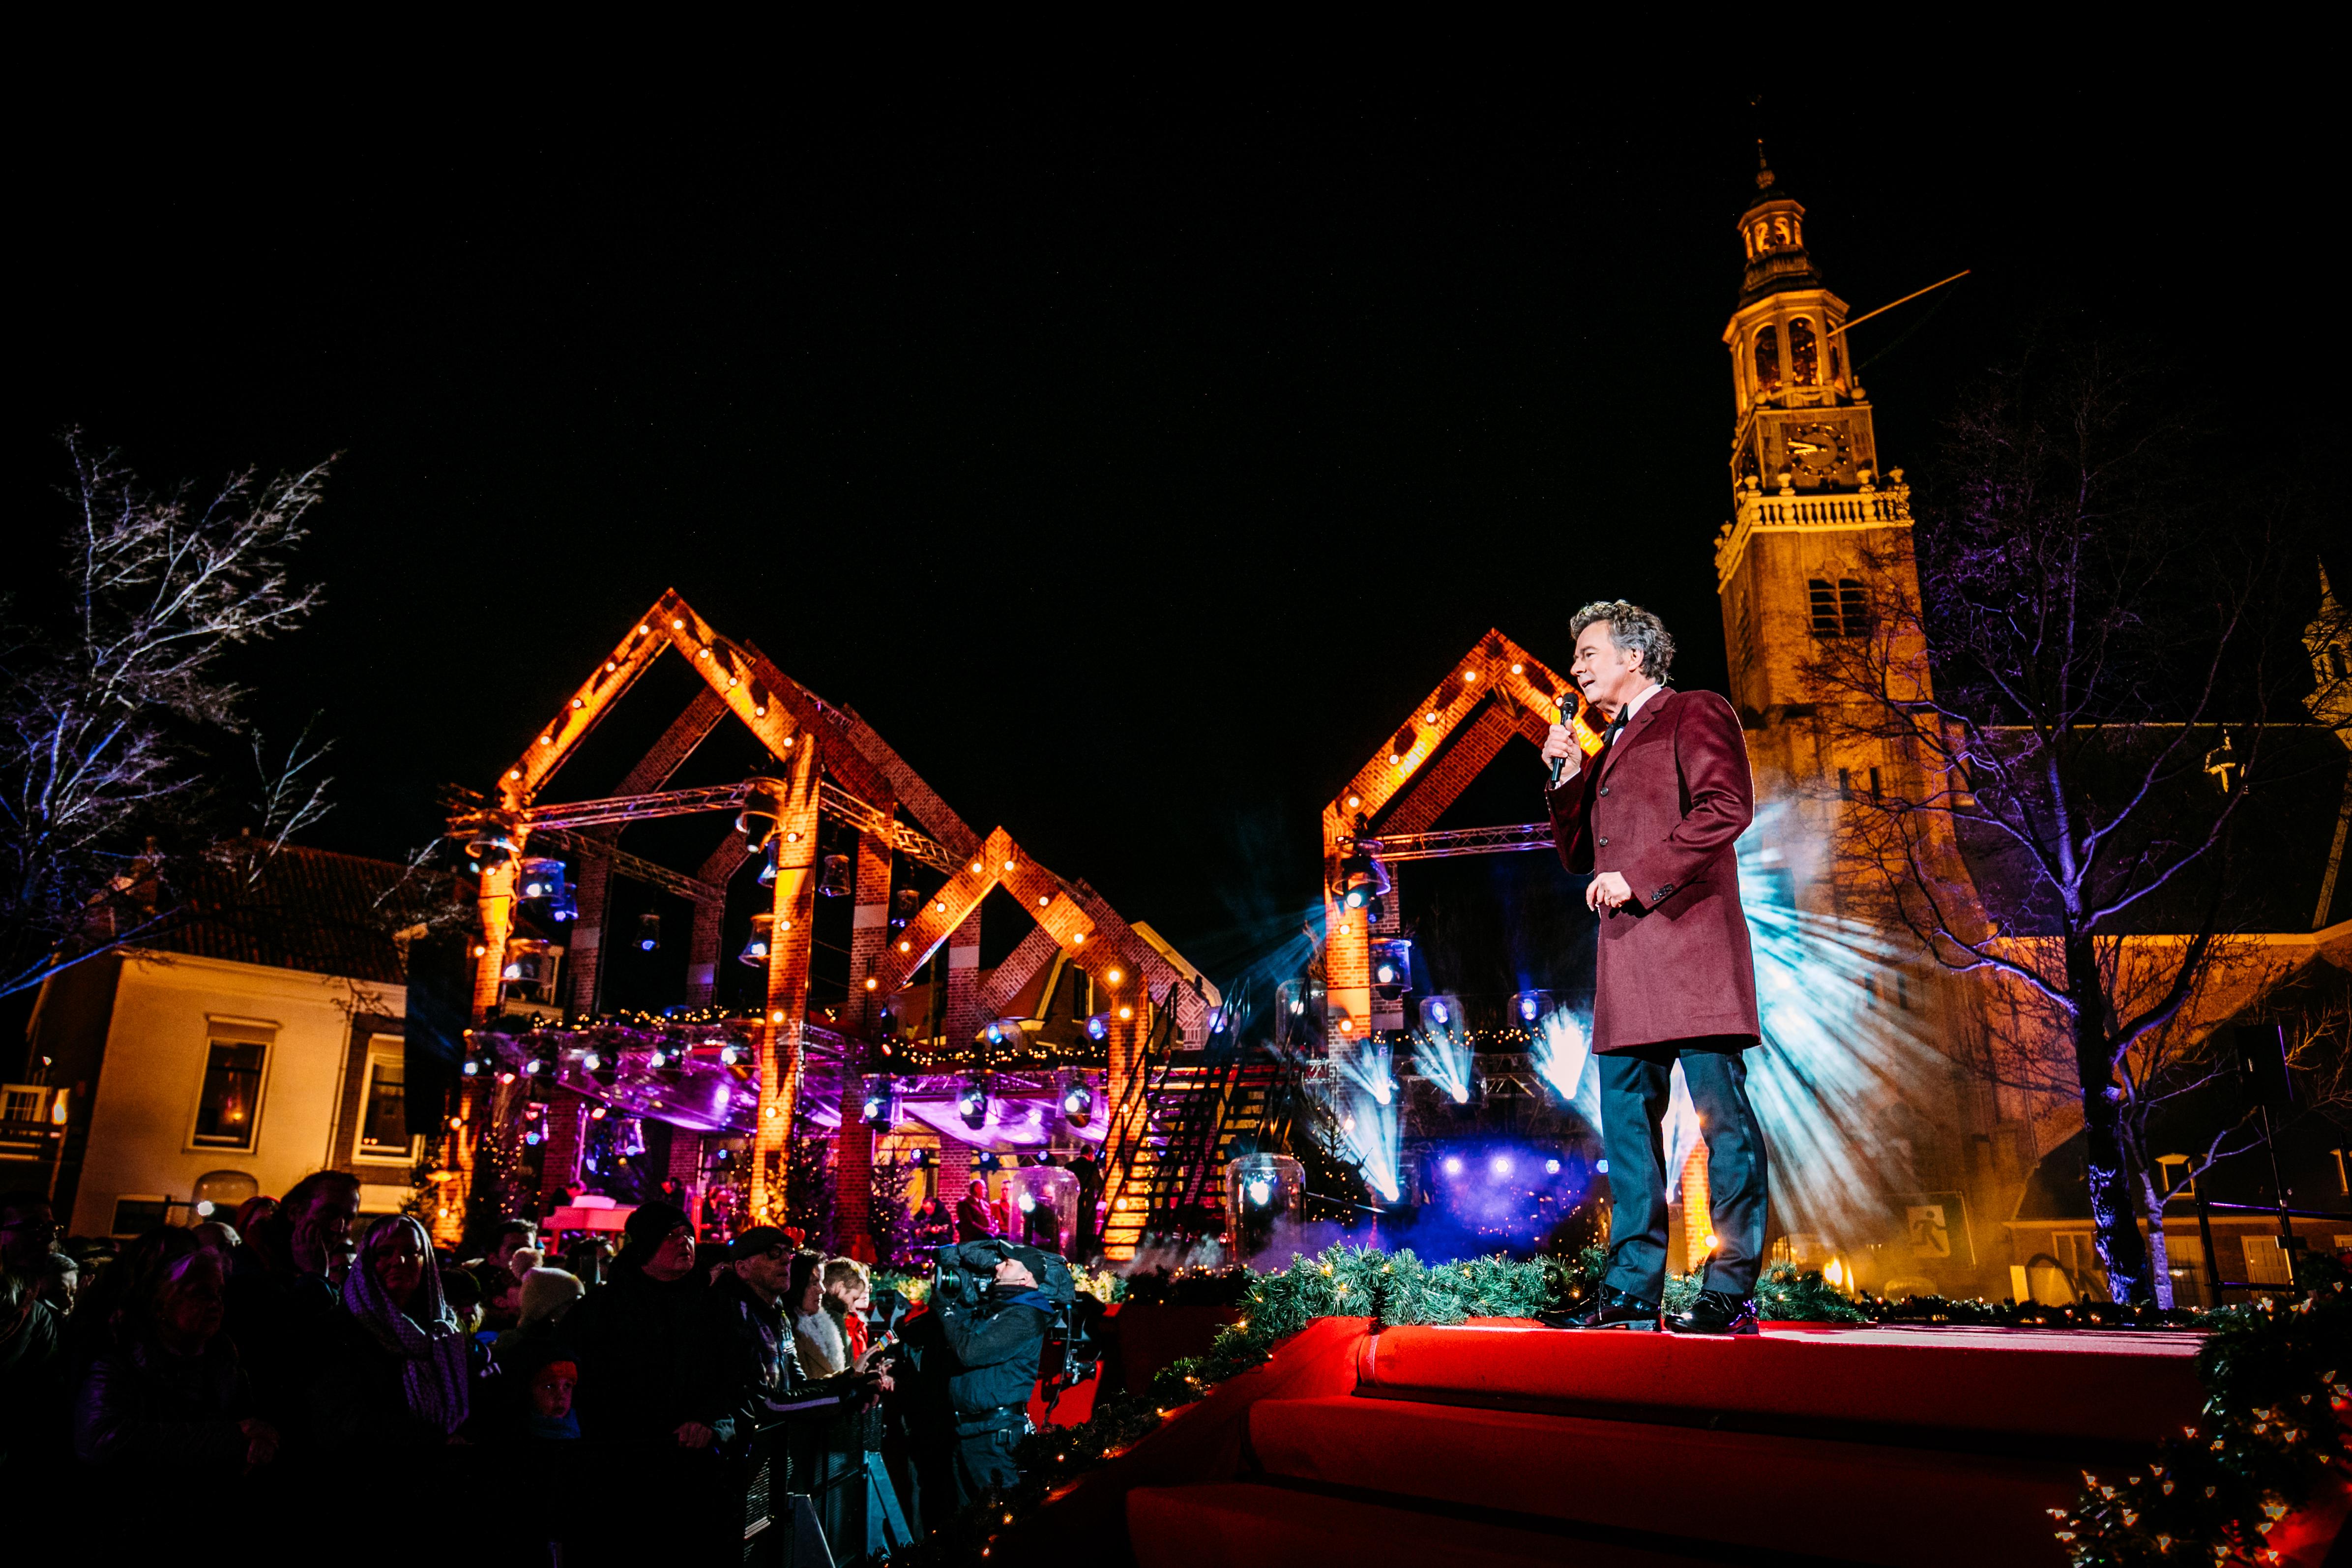 Kerstfeest in de Stad